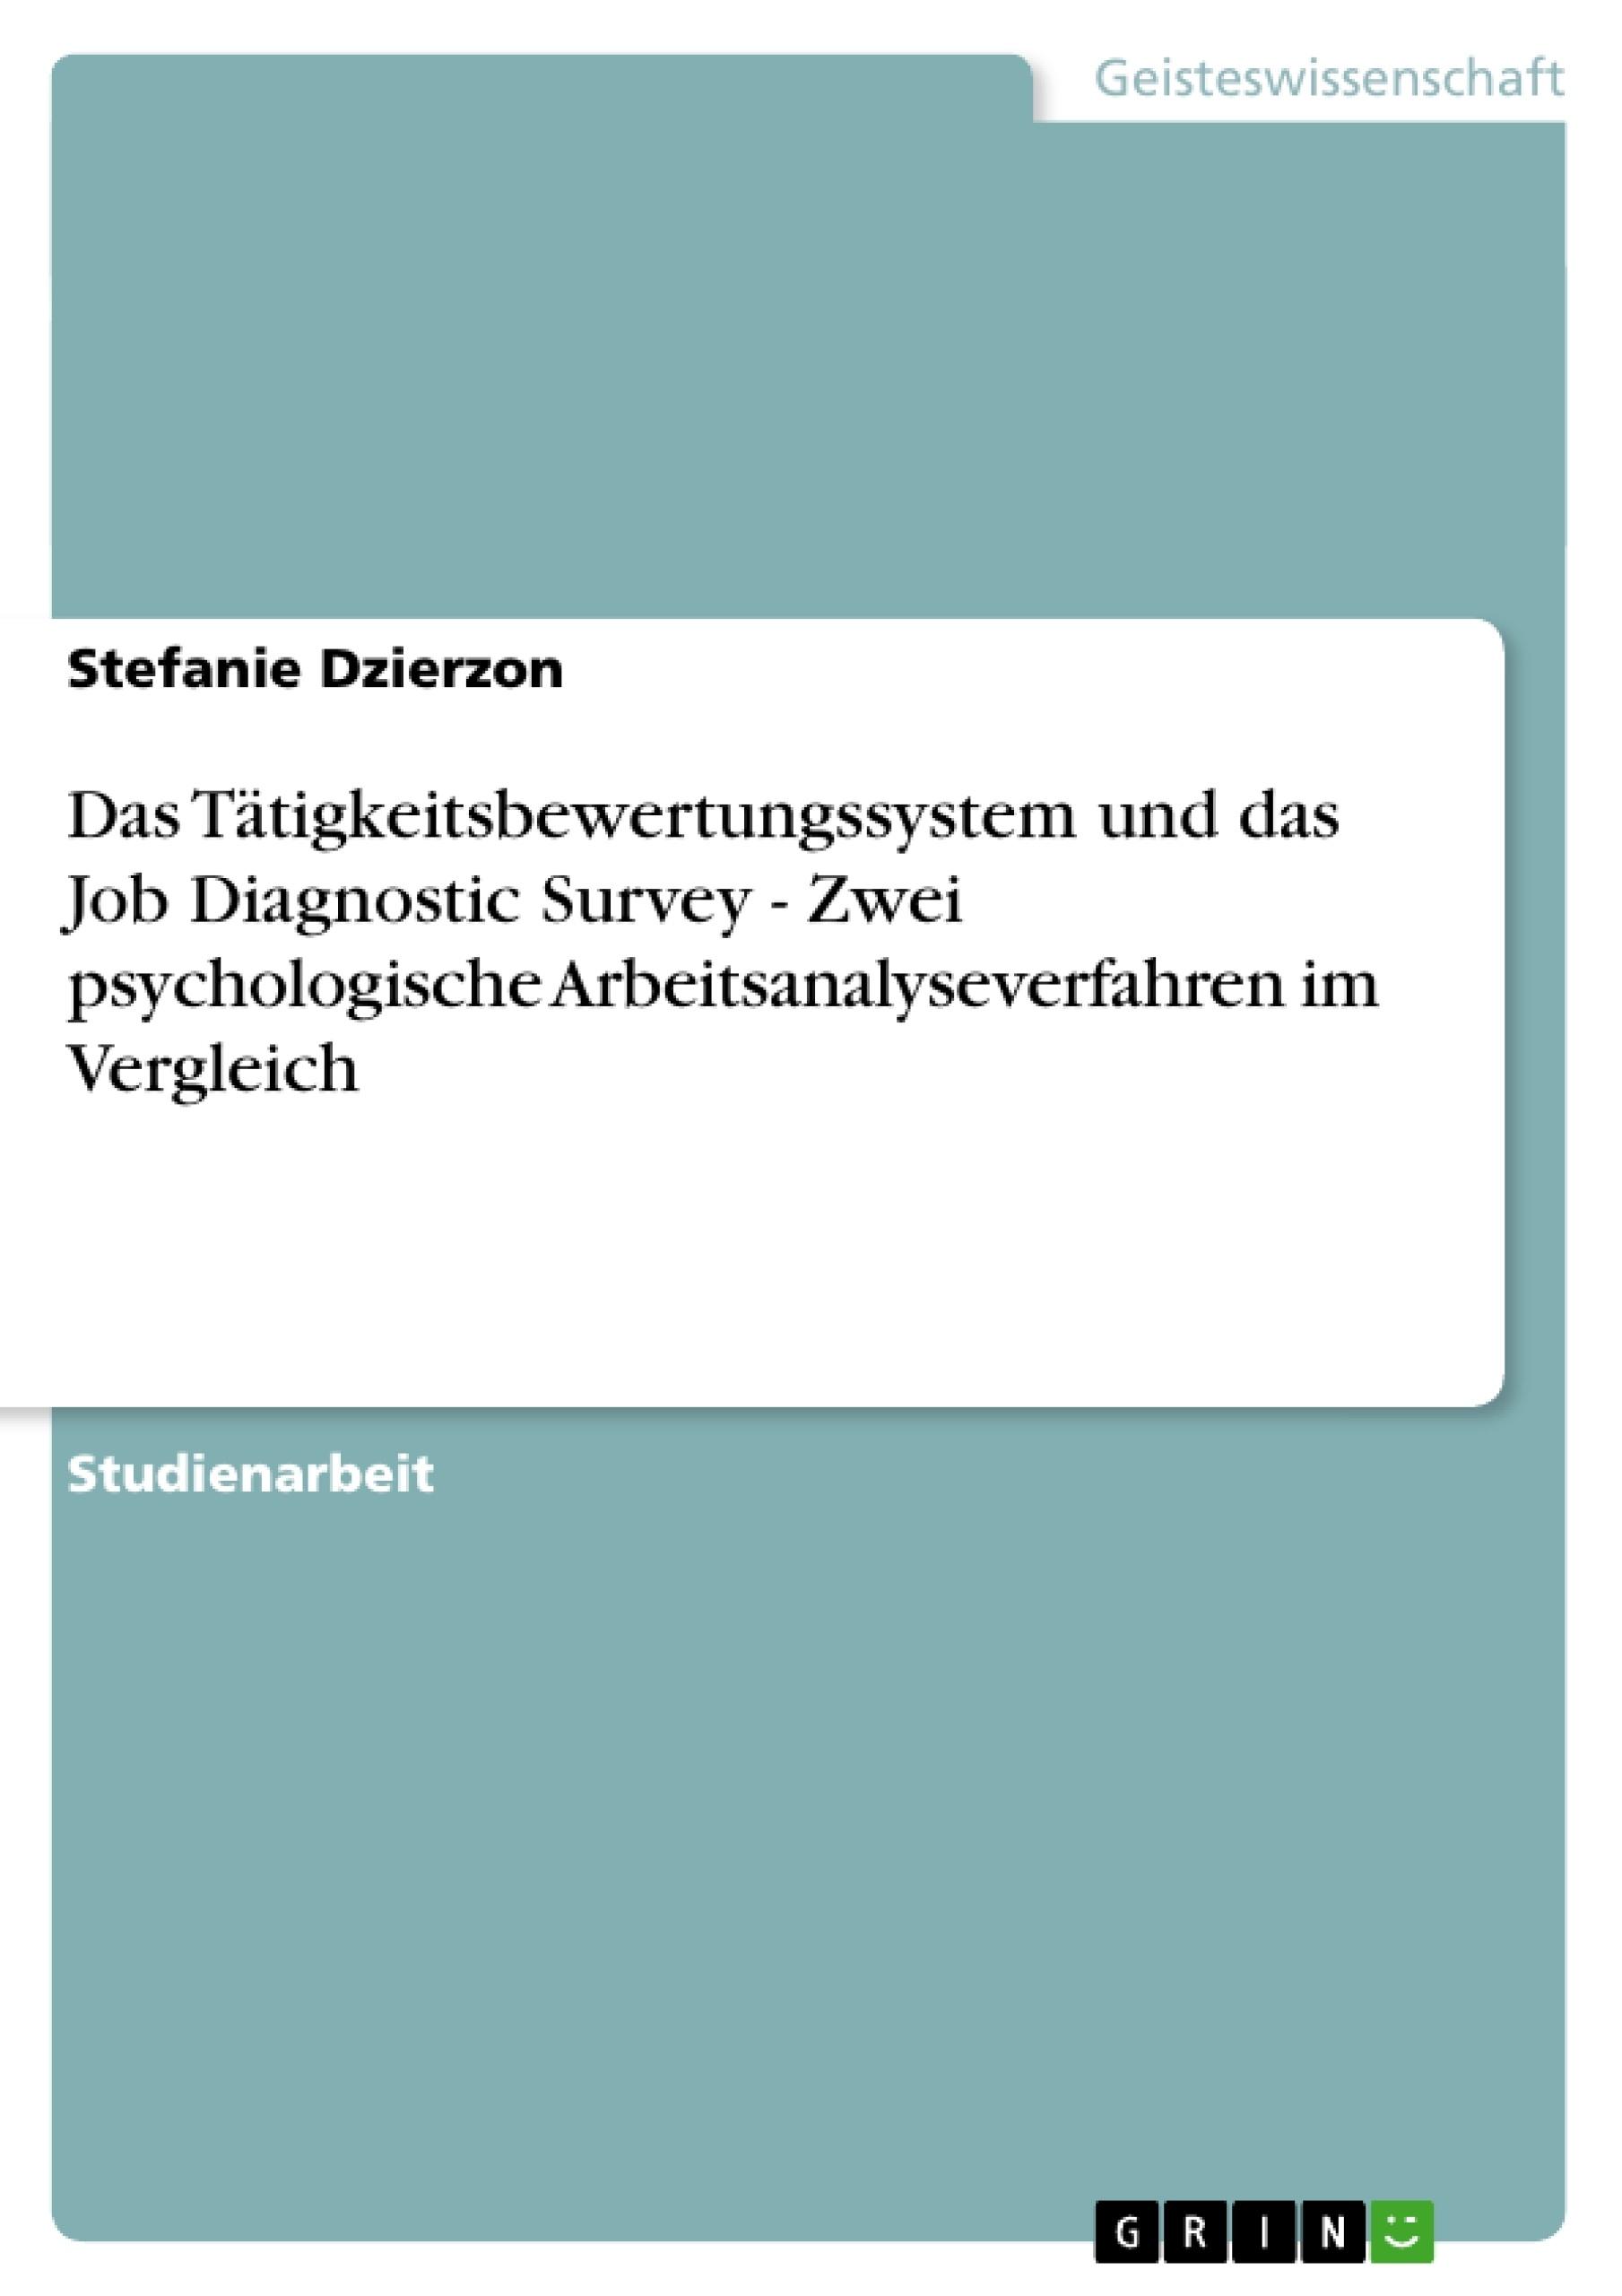 Titel: Das Tätigkeitsbewertungssystem und das Job Diagnostic Survey - Zwei psychologische Arbeitsanalyseverfahren im Vergleich